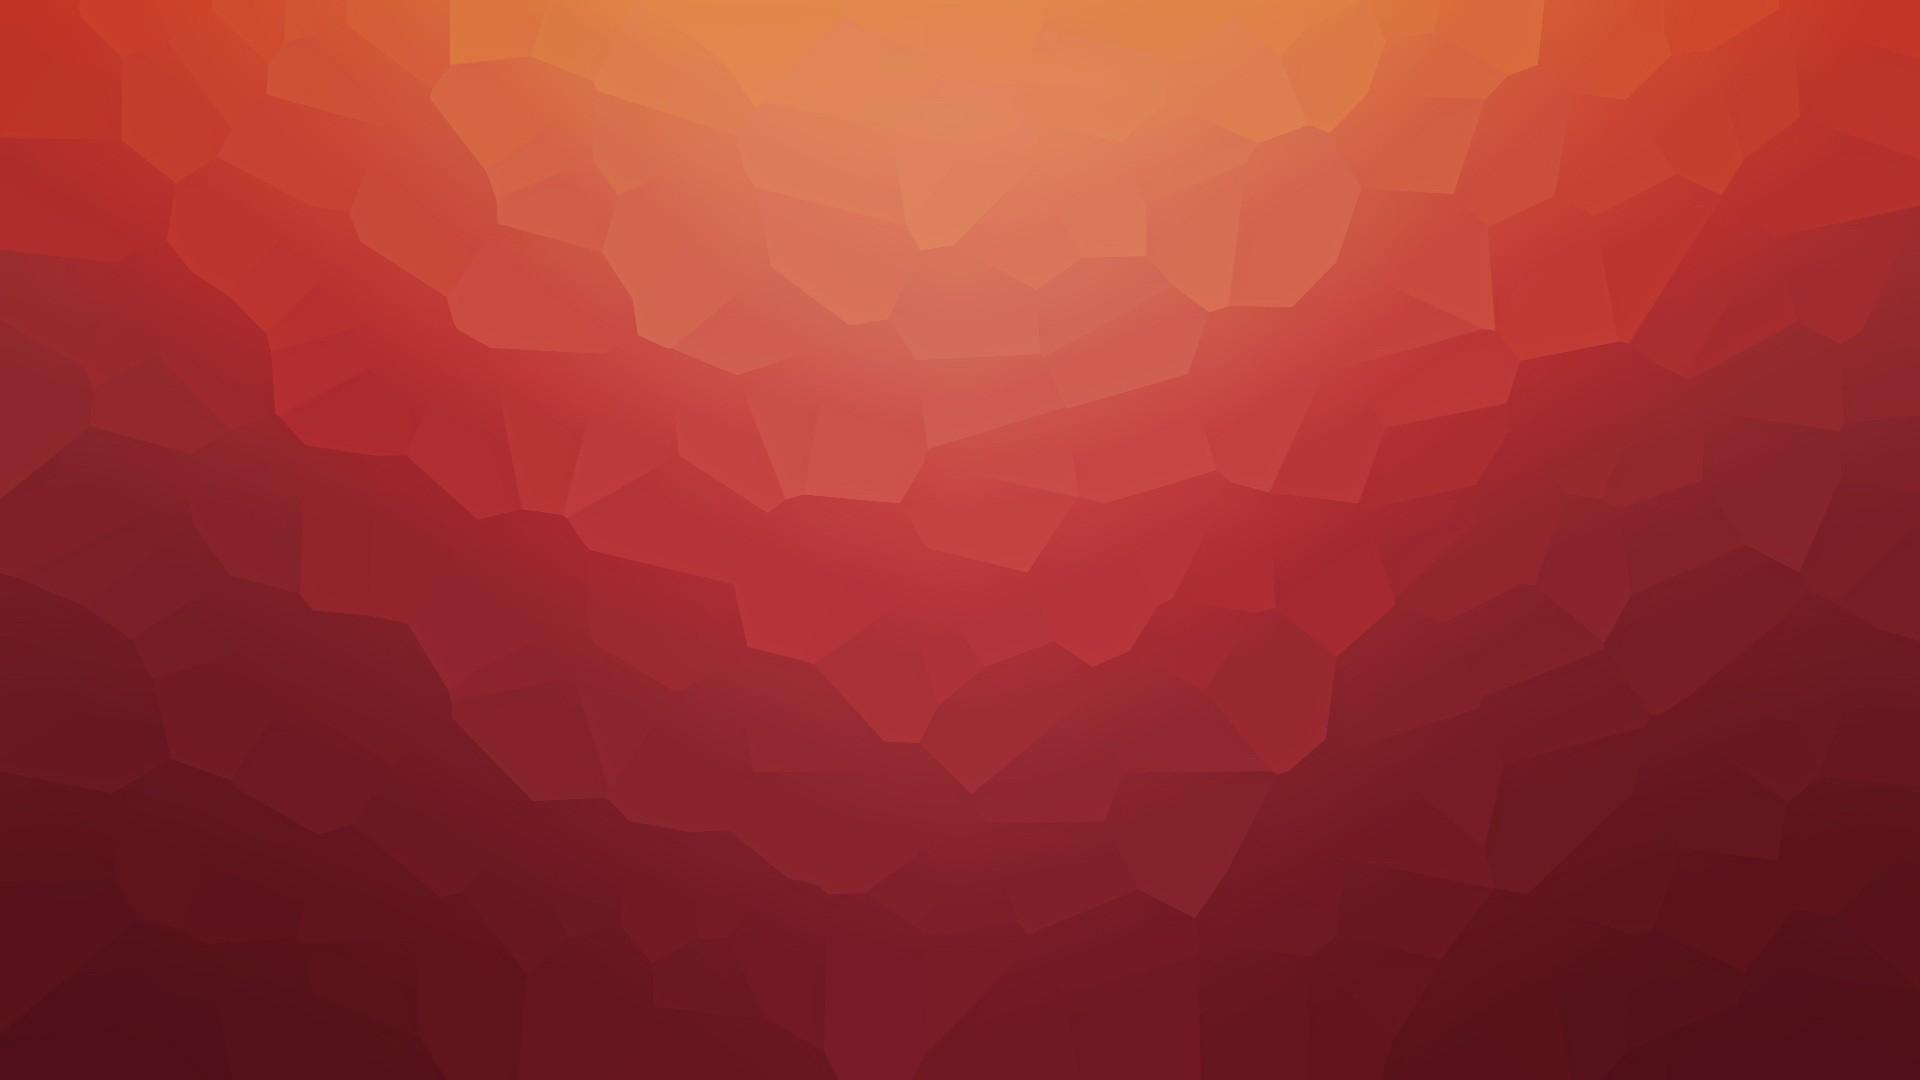 abstract-orange-red-texture-desktop-wallpaper